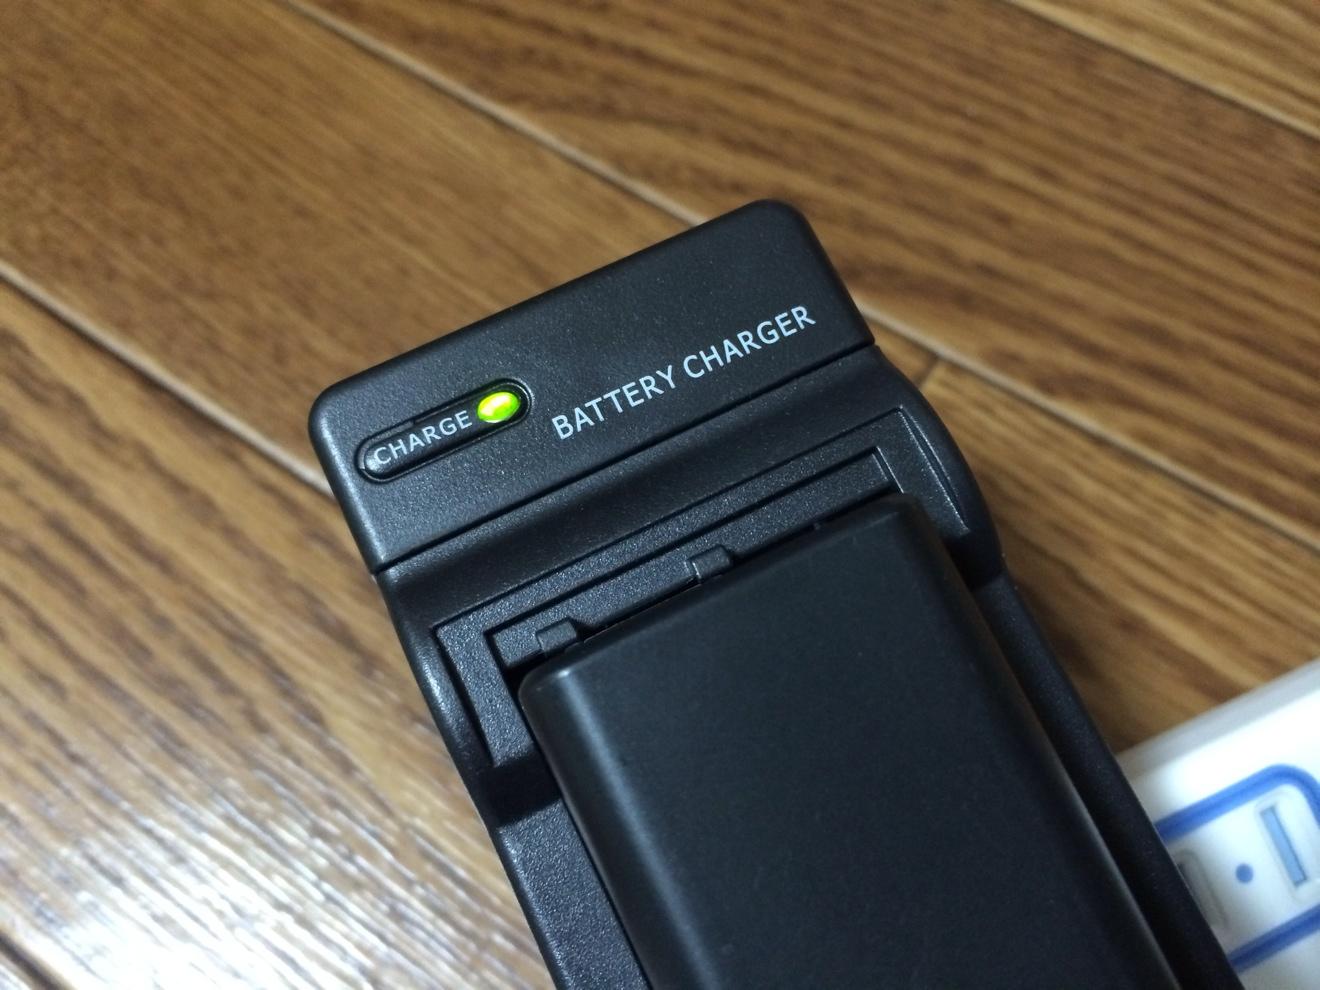 [Å] 破格!!SONY NP-FW50対応バッテリーチャージが490円!NEX5R用に買ってみた!